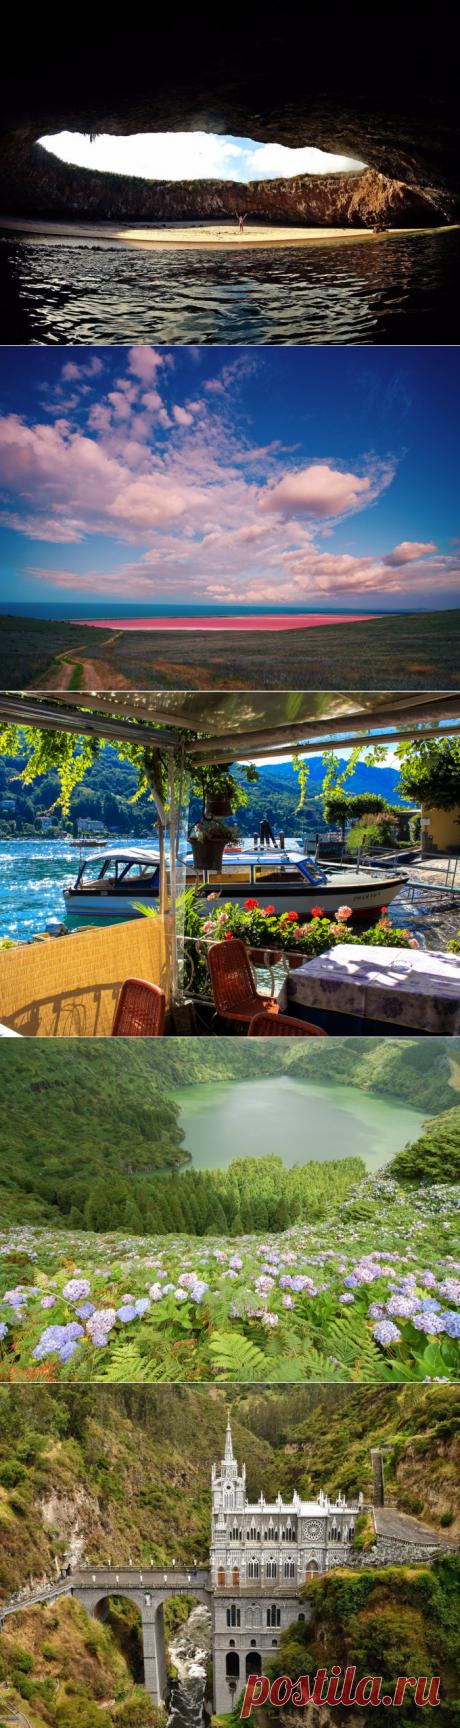 23 ярких фотографий невероятных мест в разных уголках планеты